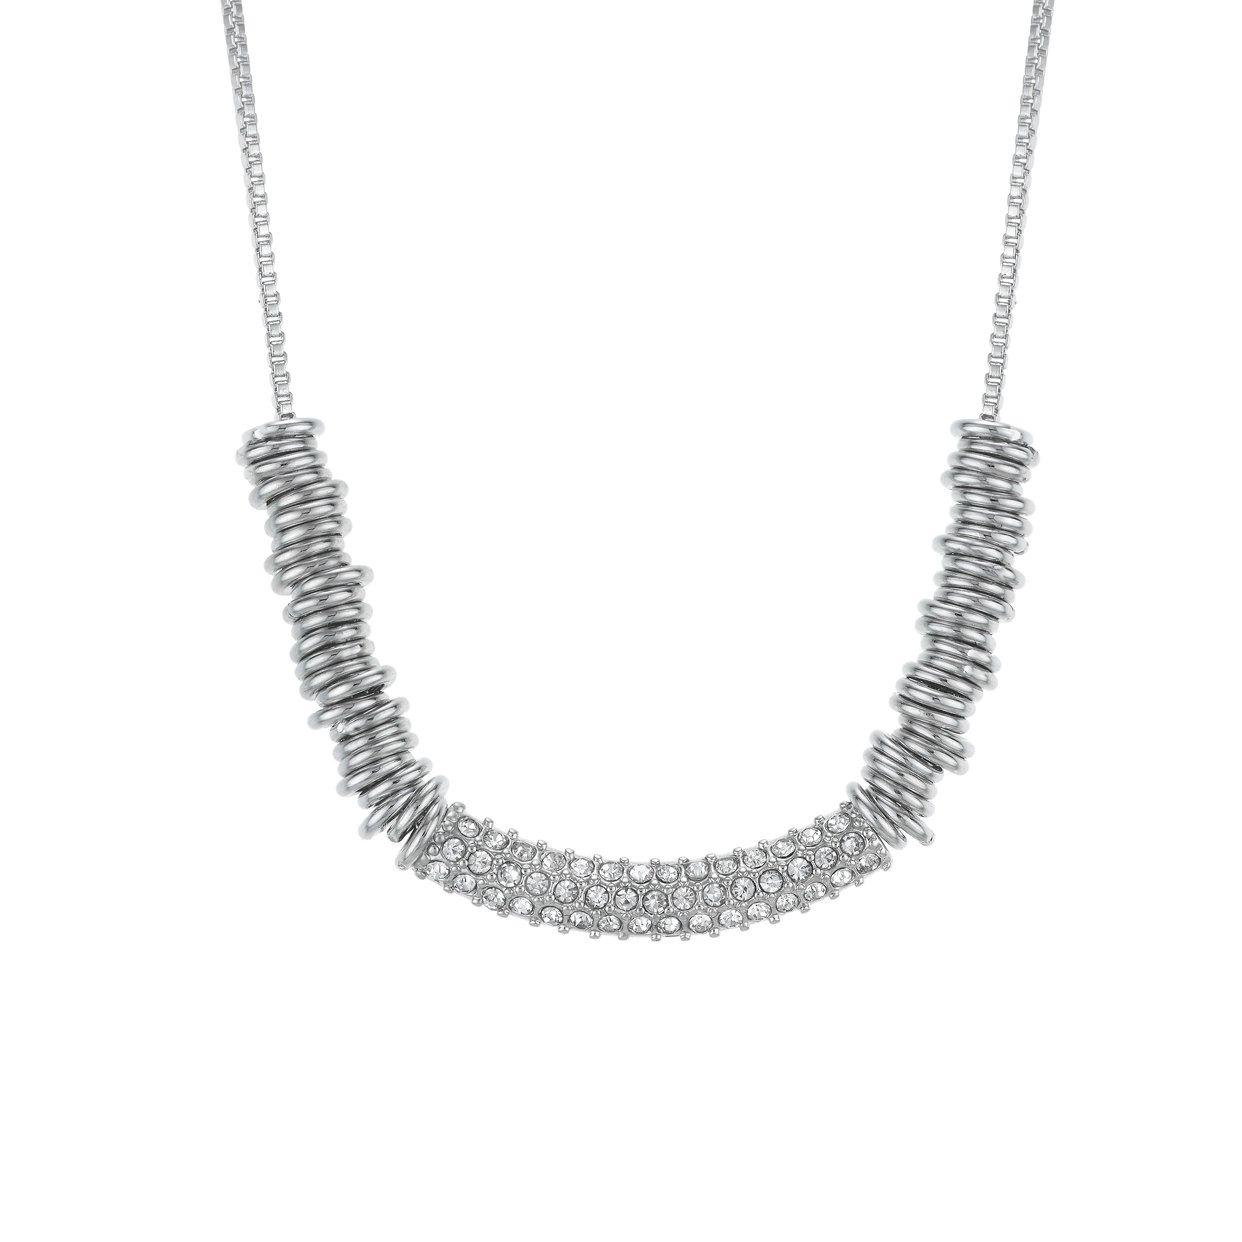 Buckley London Bloomsbury Necklace - Silver